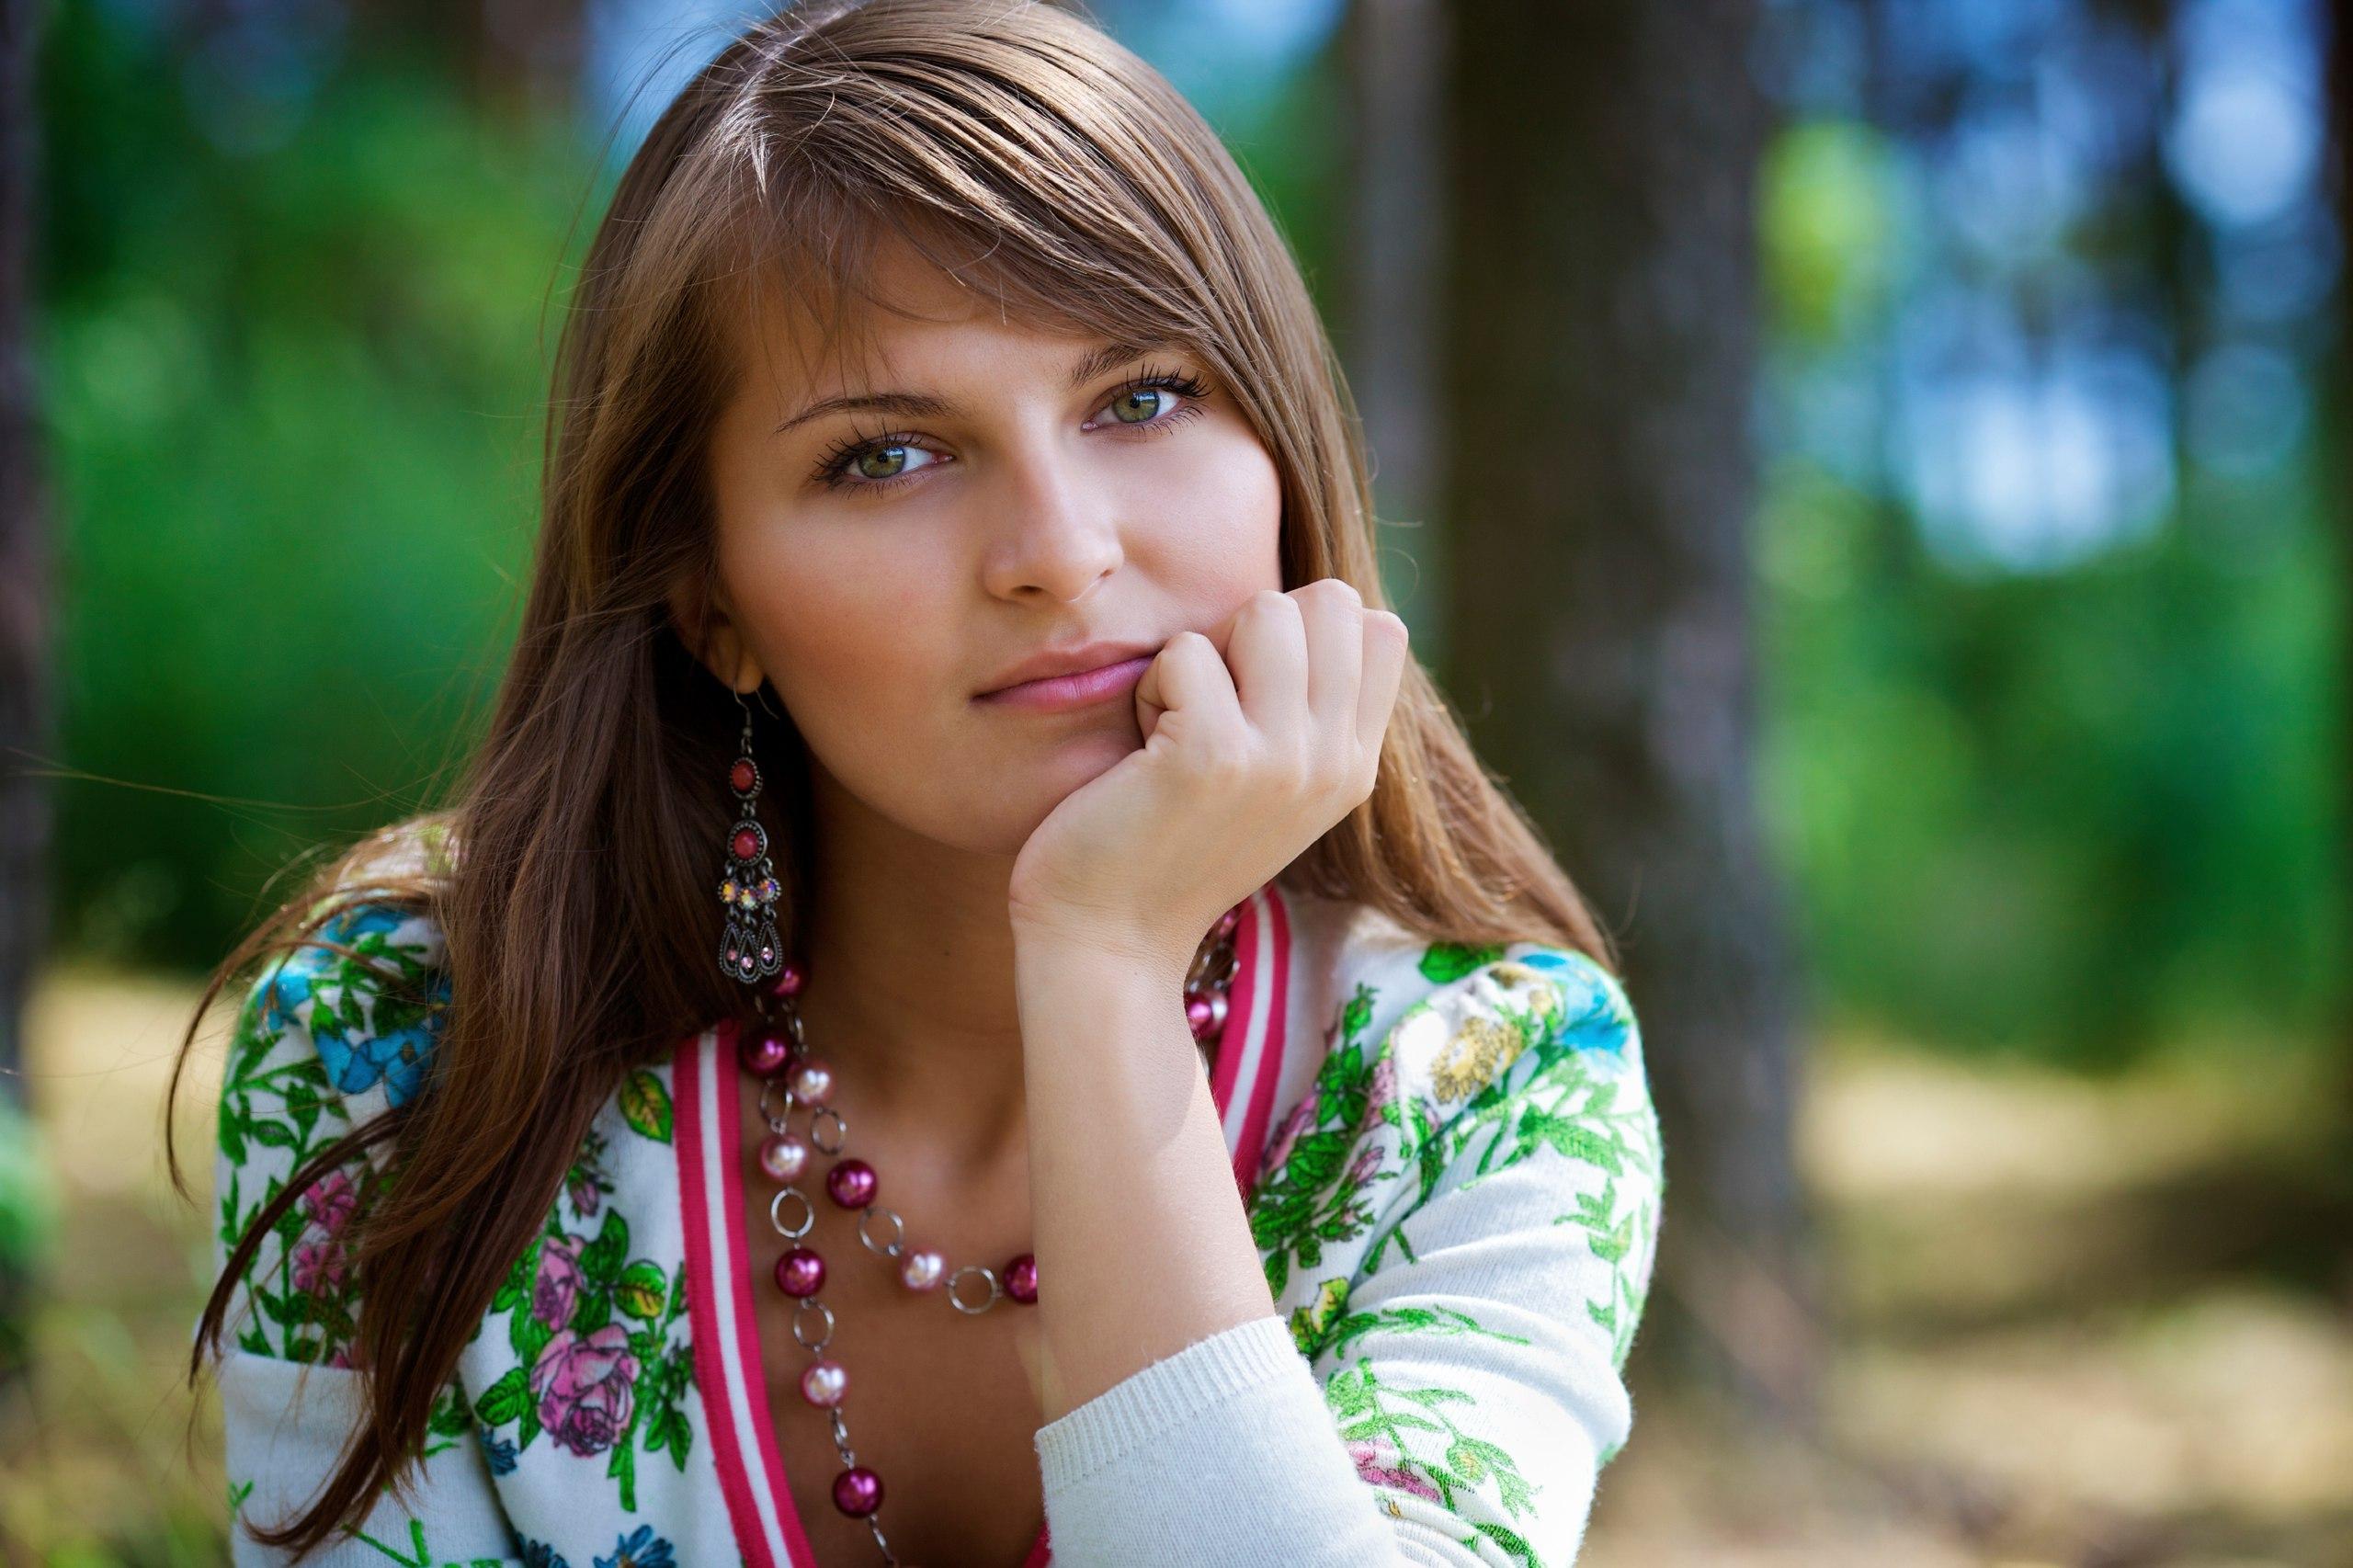 Знакомство красивых фото девушек